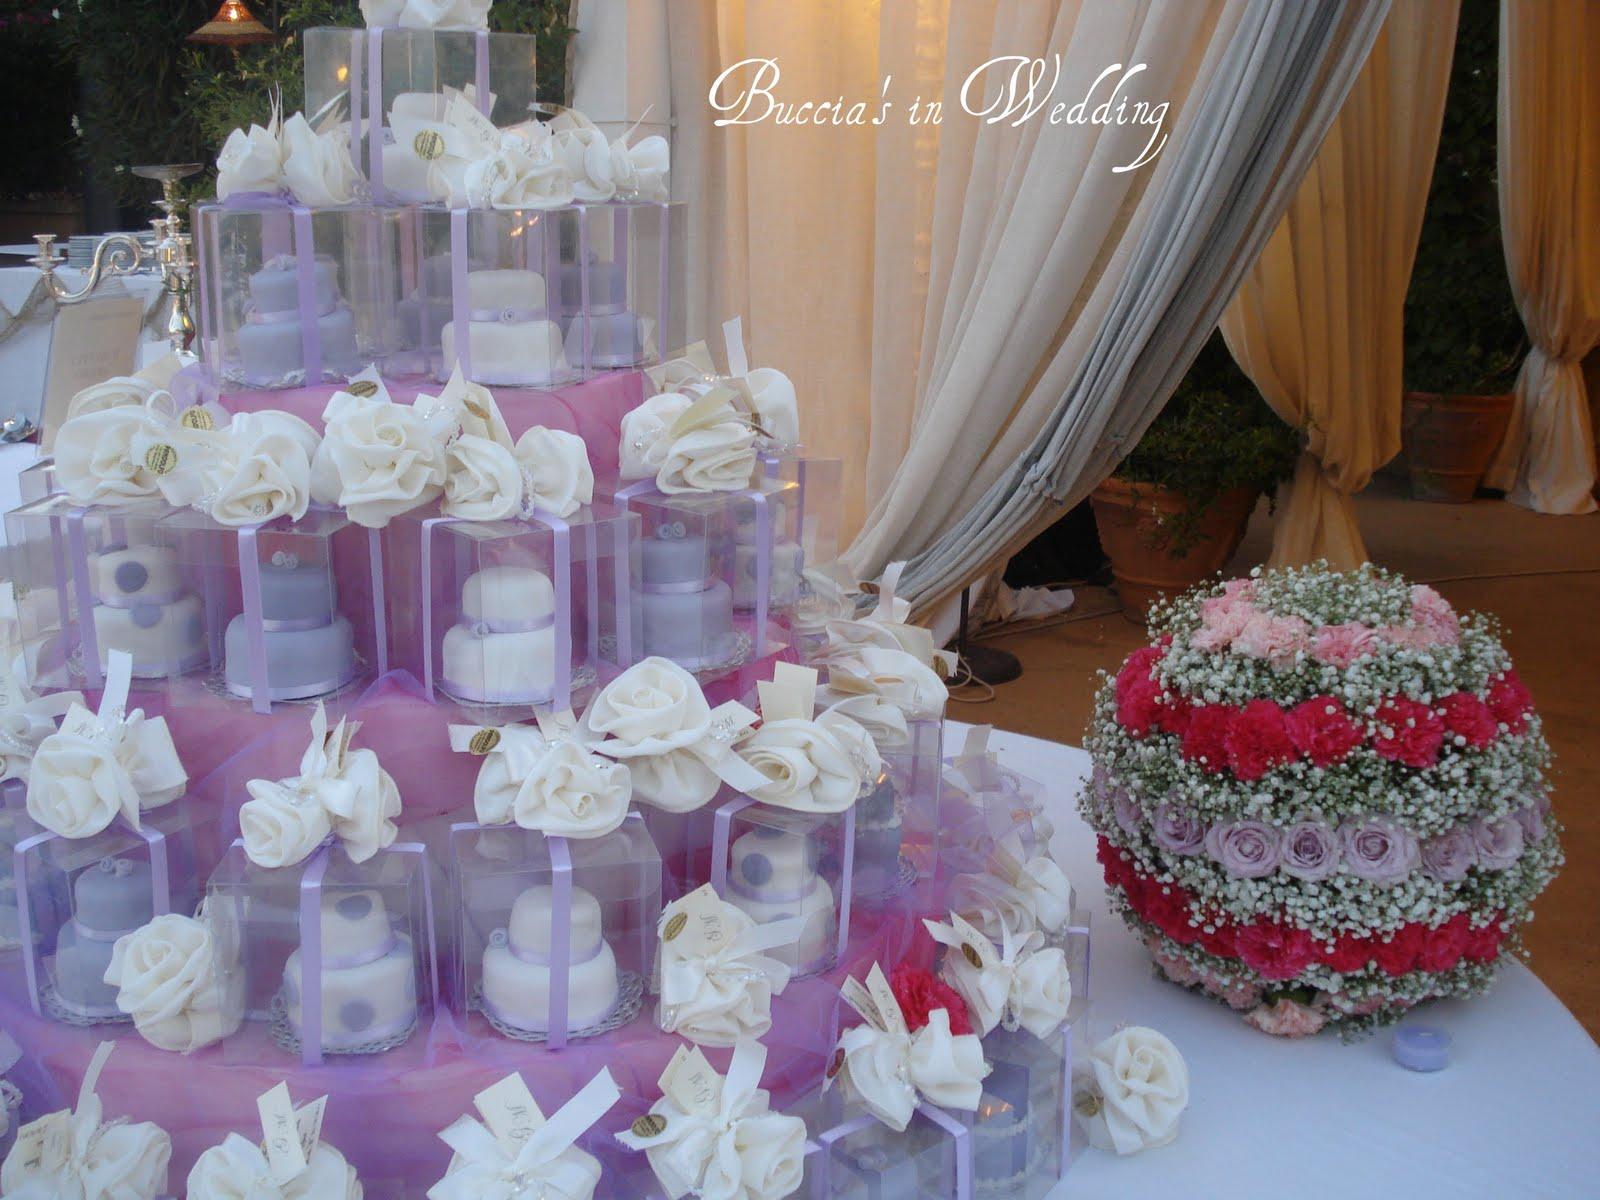 Matrimonio In Glicine : Buccia s cakes allestimento matrimonio glicine